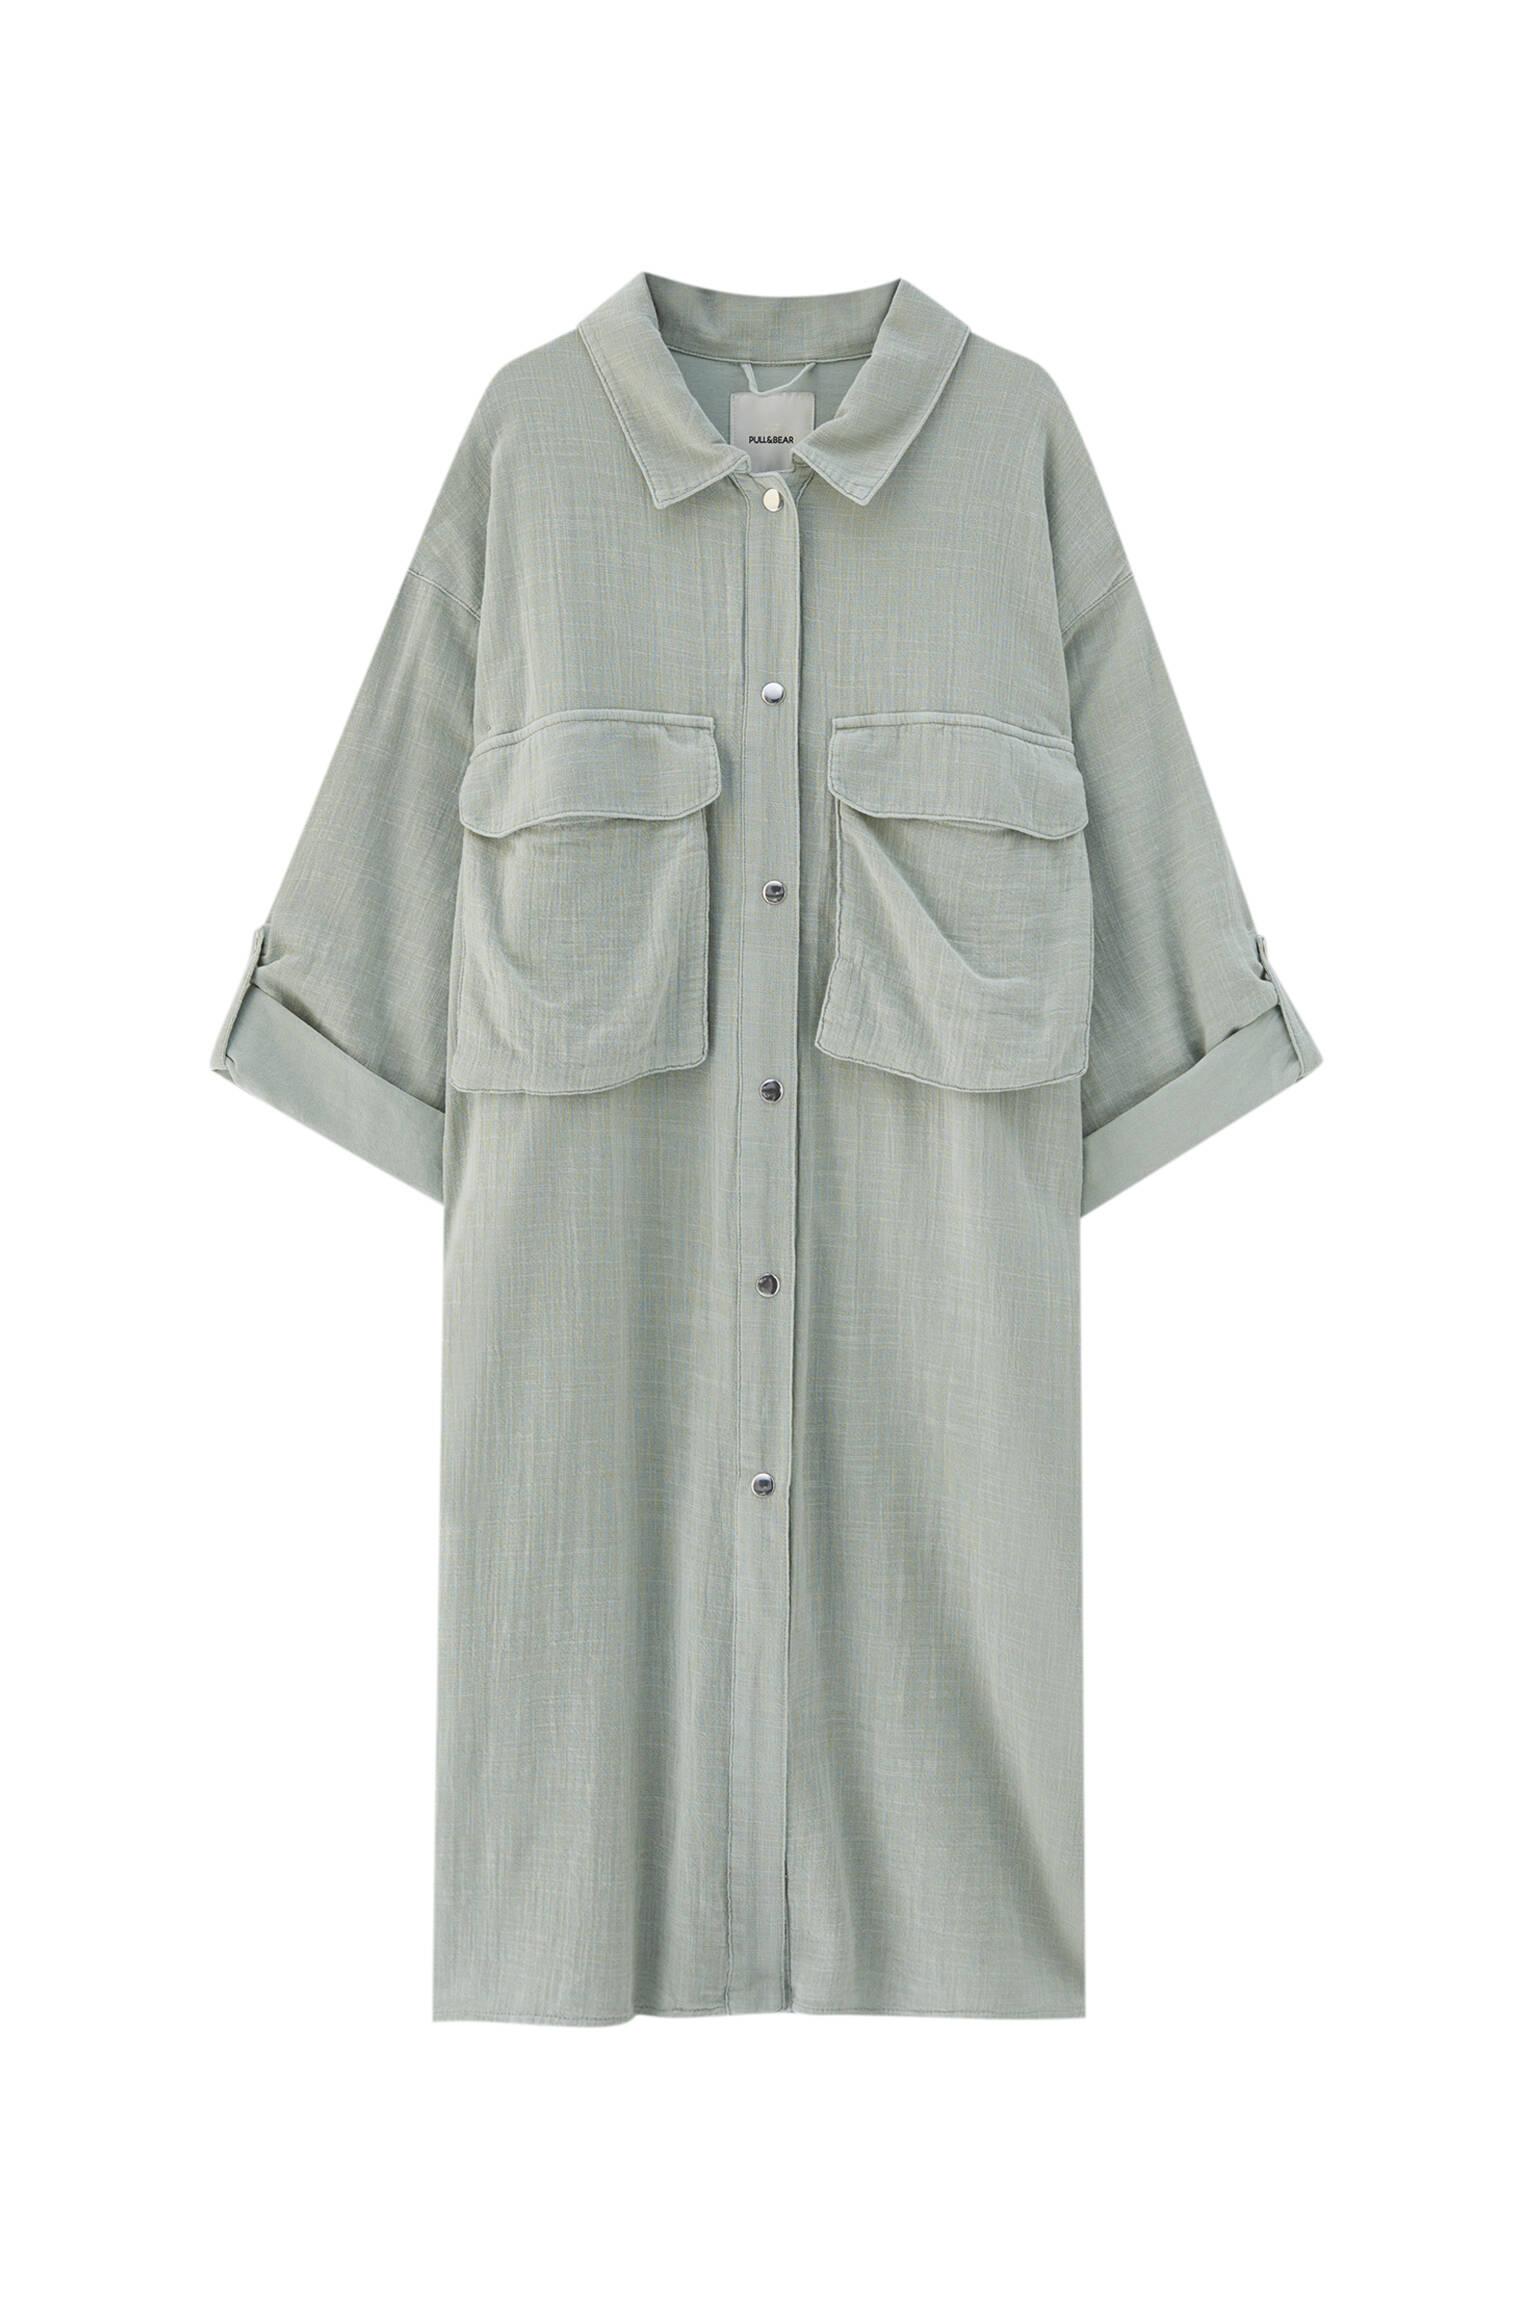 ЦВЕТ МОРСКОЙ ВОЛНЫ Удлиненная куртка-рубашка в стиле рустик Pull & Bear